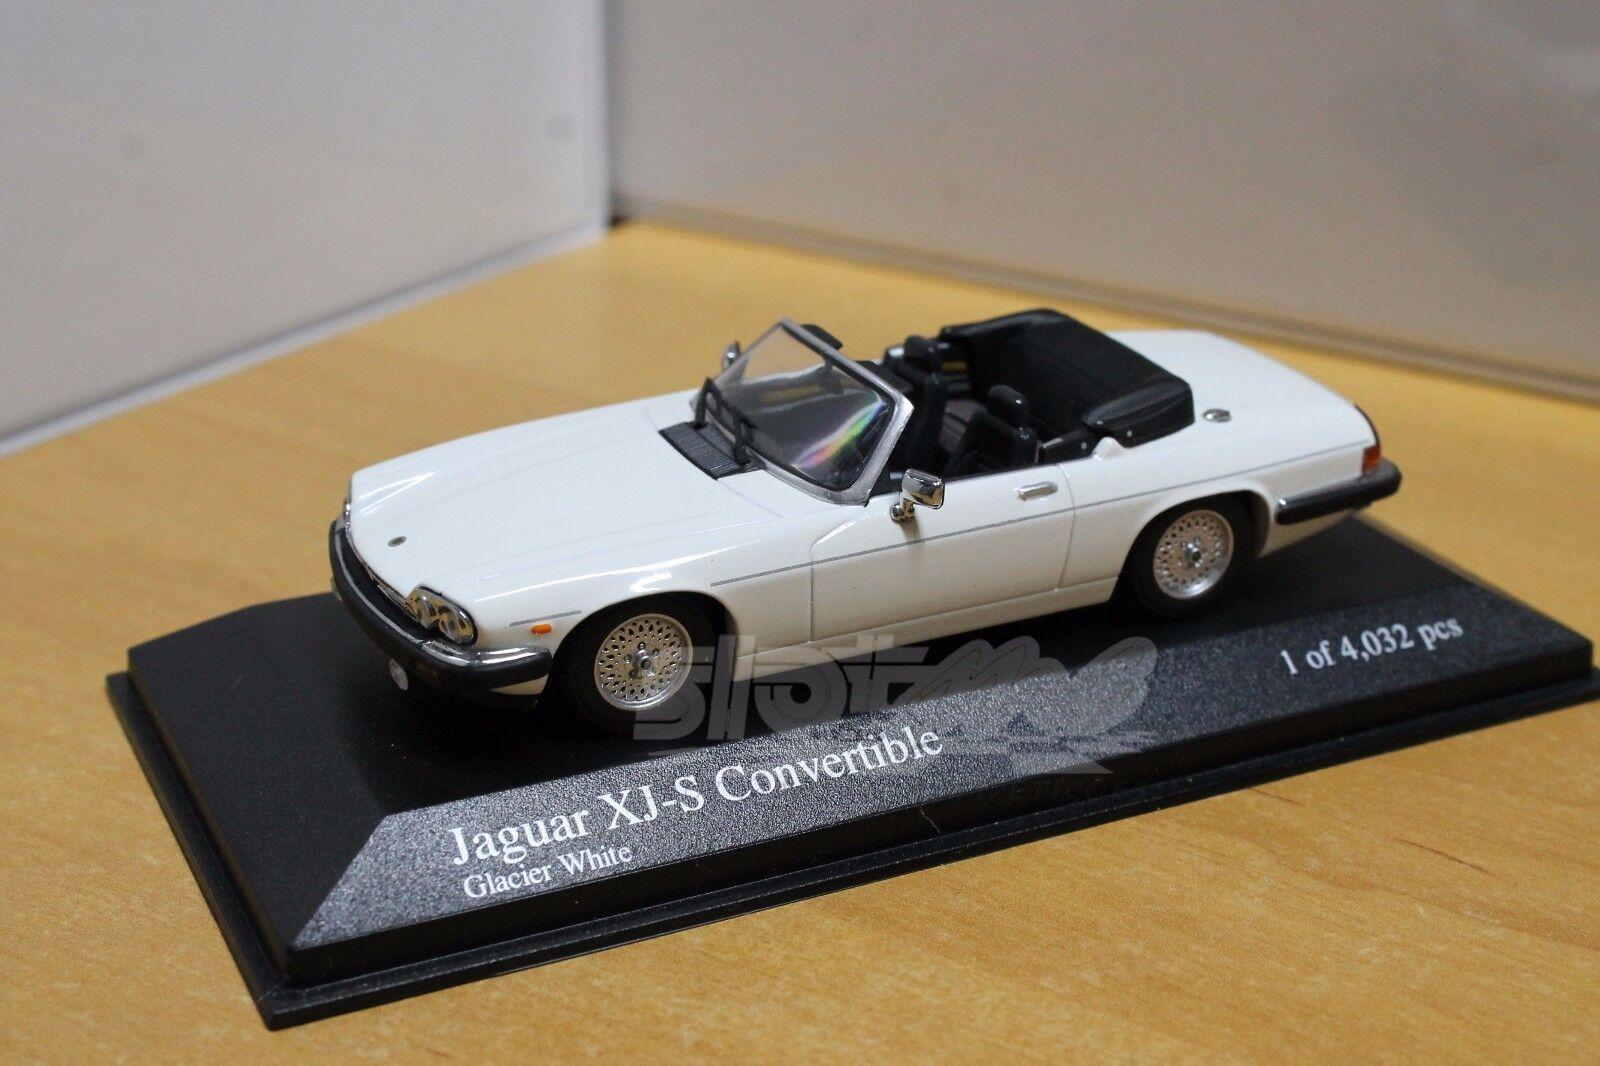 diseño simple y generoso Minichamps 400130430 400130430 400130430 Jaguar XJ-S Converdeible 1988 blancoo 1 43  NEW  mejor precio